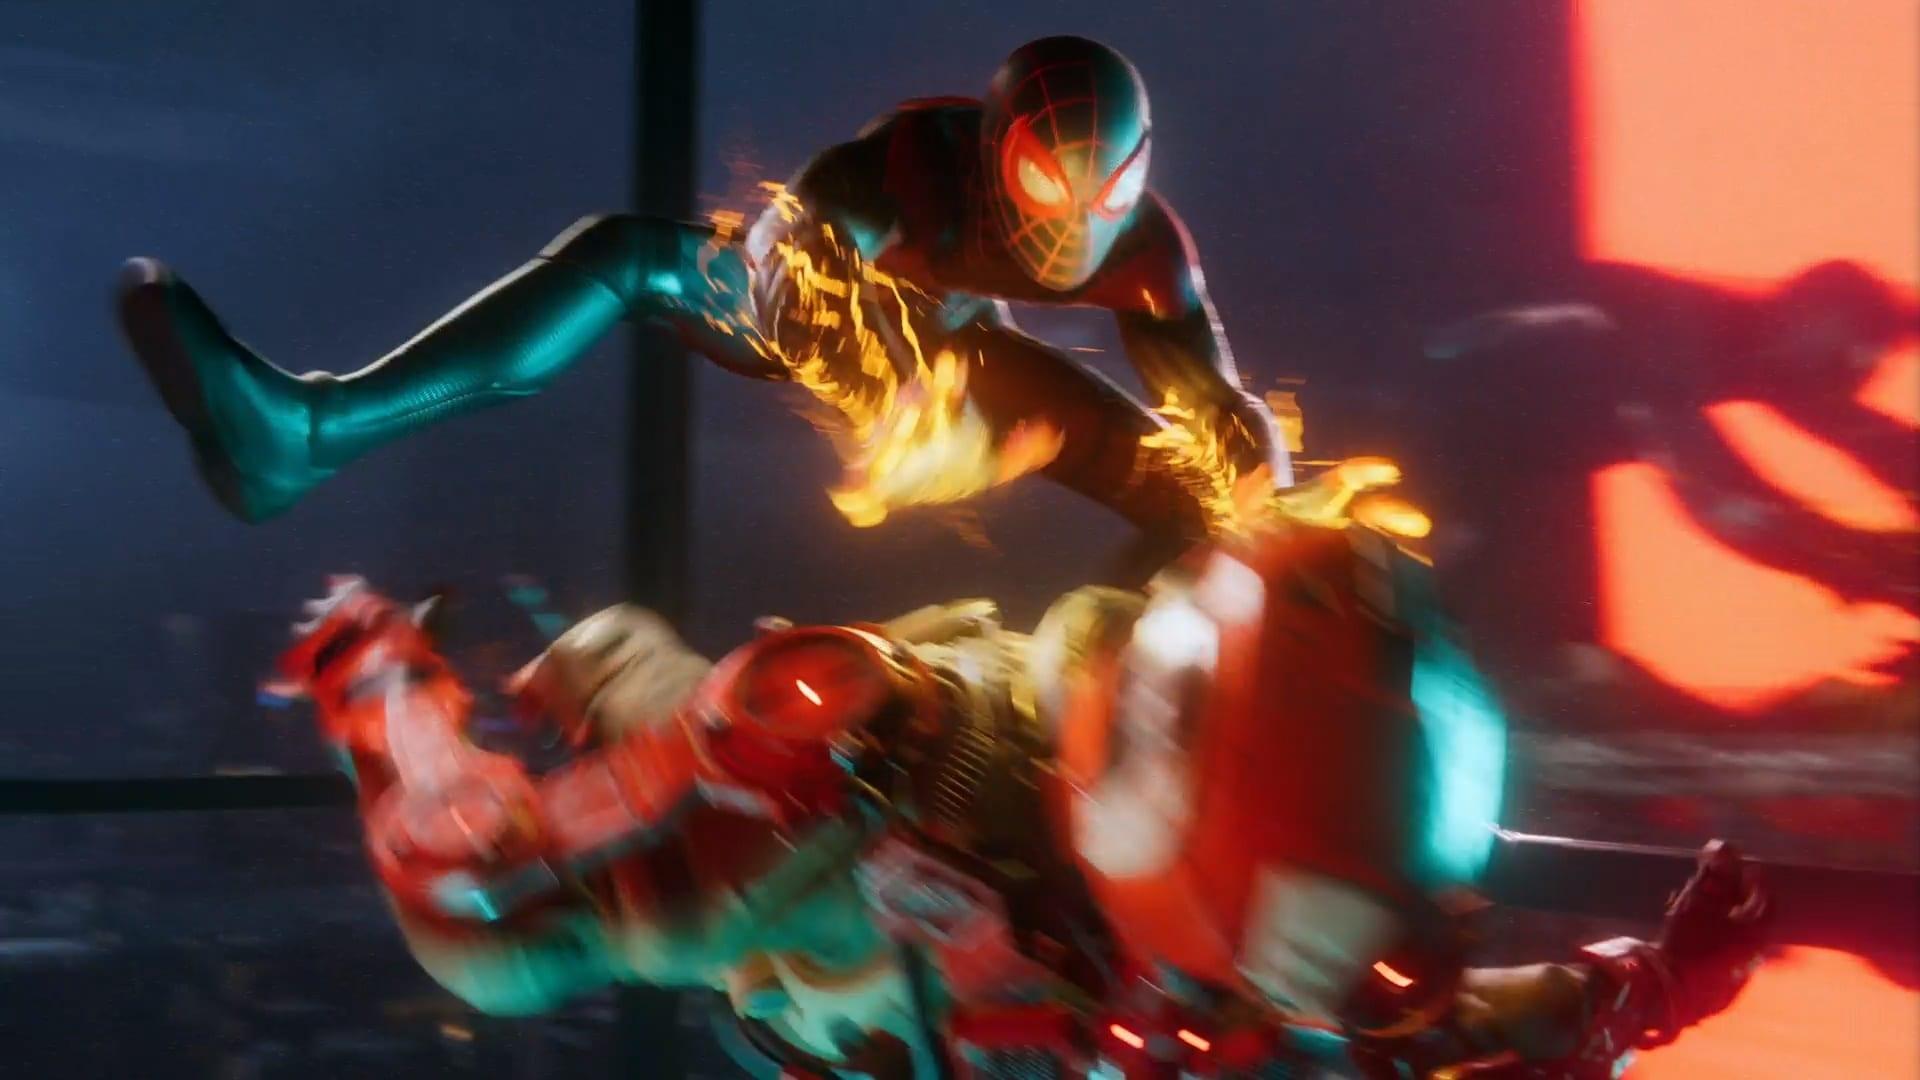 marvel's spider-man miles morales migliori videogiochi 2020